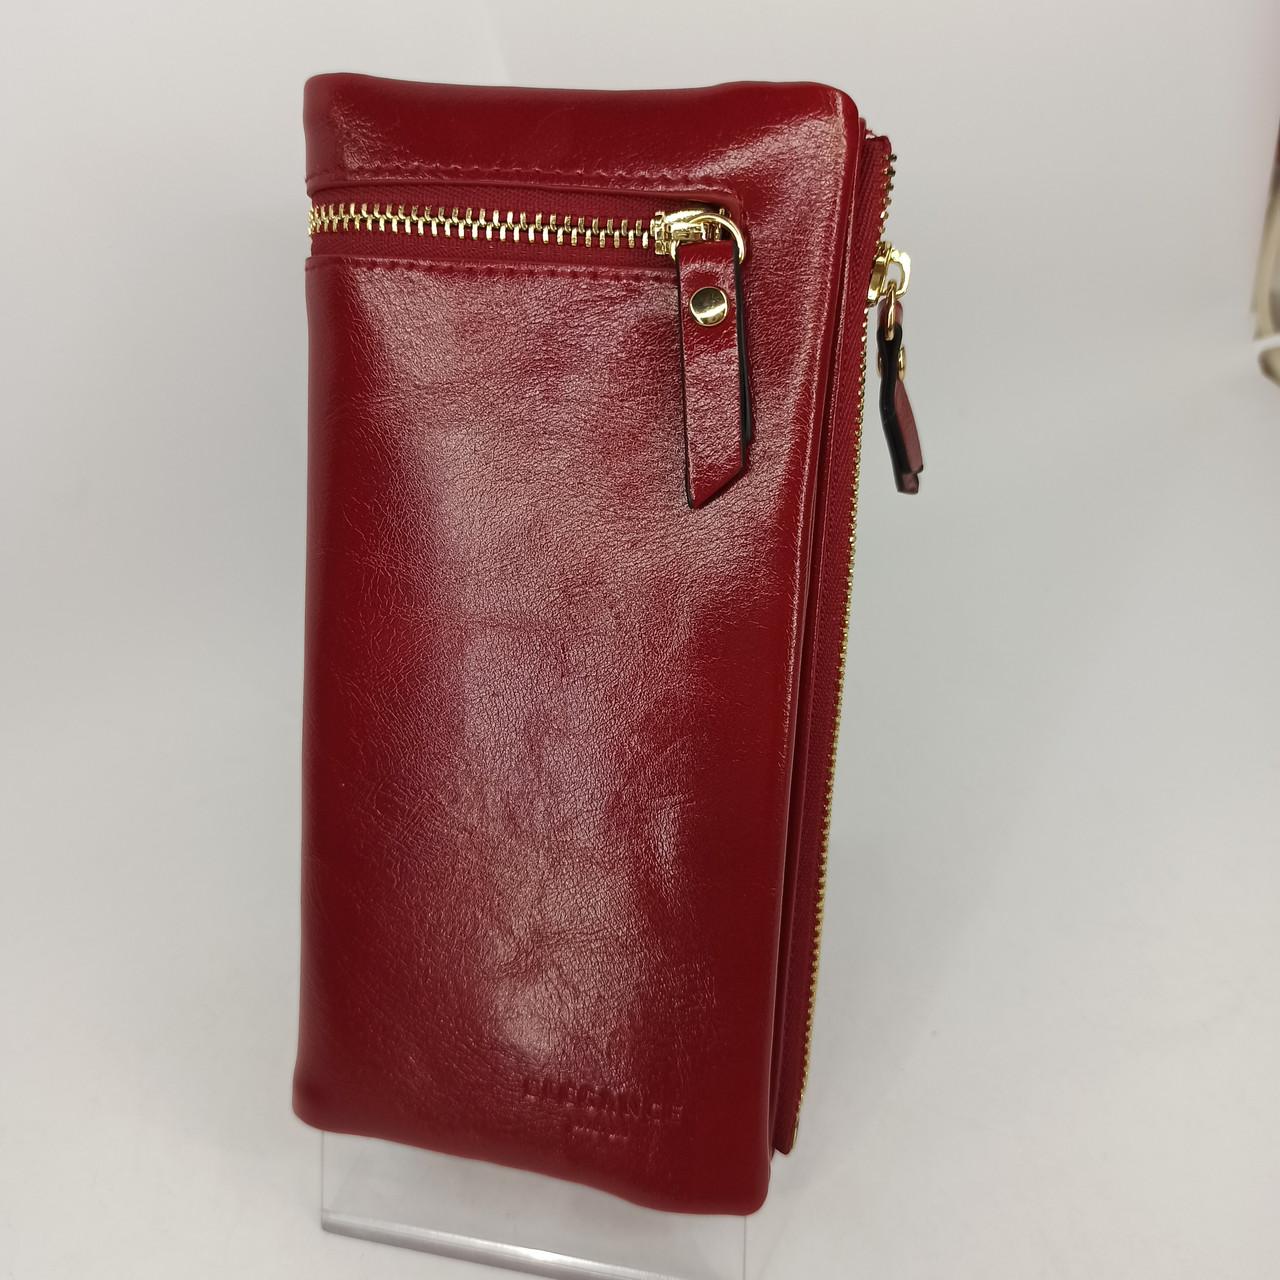 Класичний жіночий гаманець / Классический женский кошелек Balisa C3604-001 red